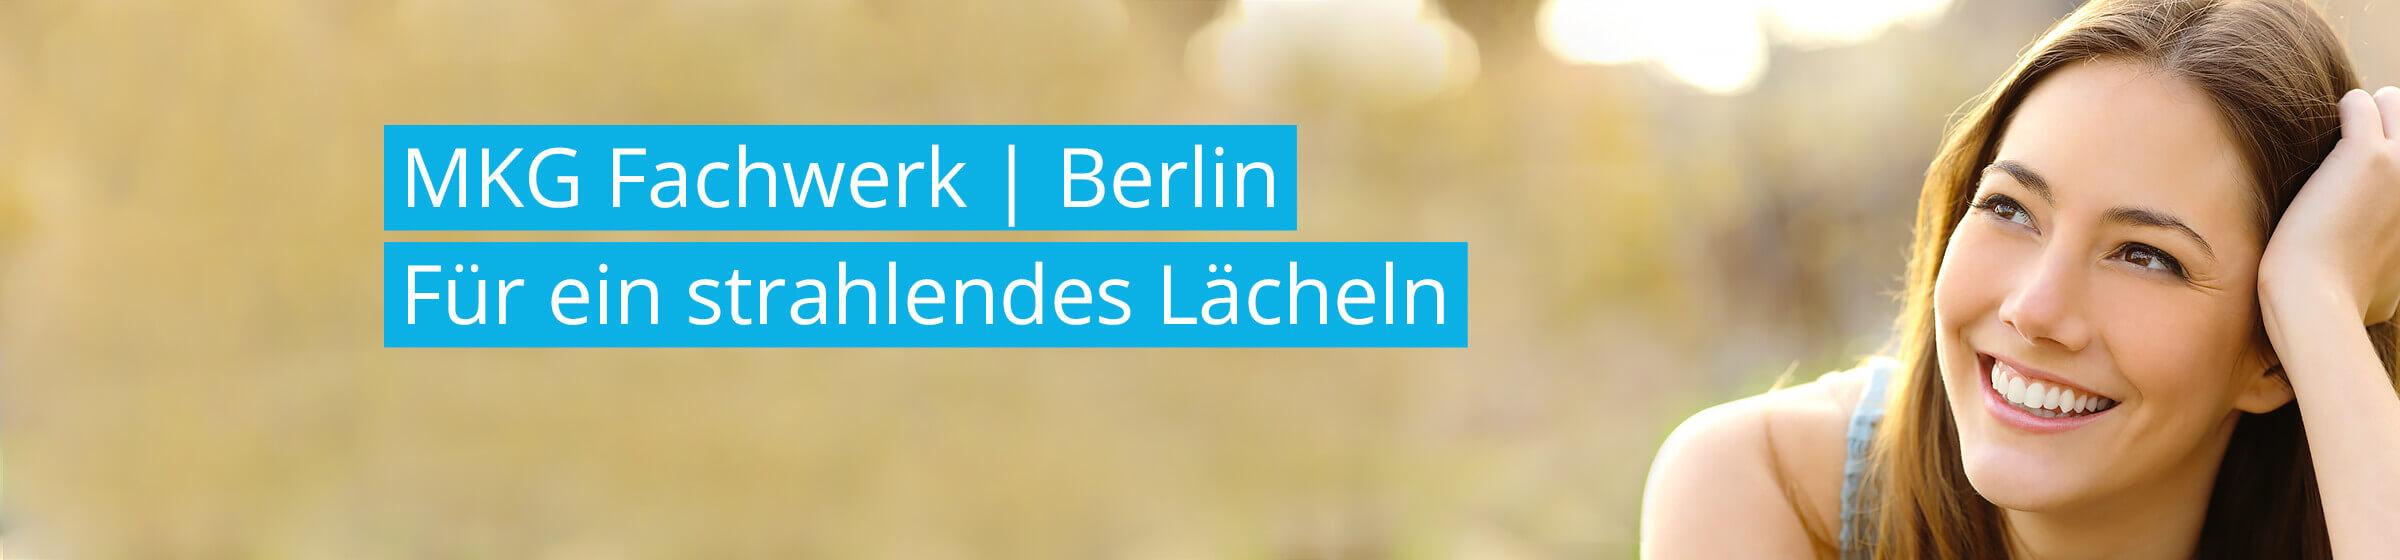 MKG Fachwerk | Berlin - Für ein strahlendes Lächeln